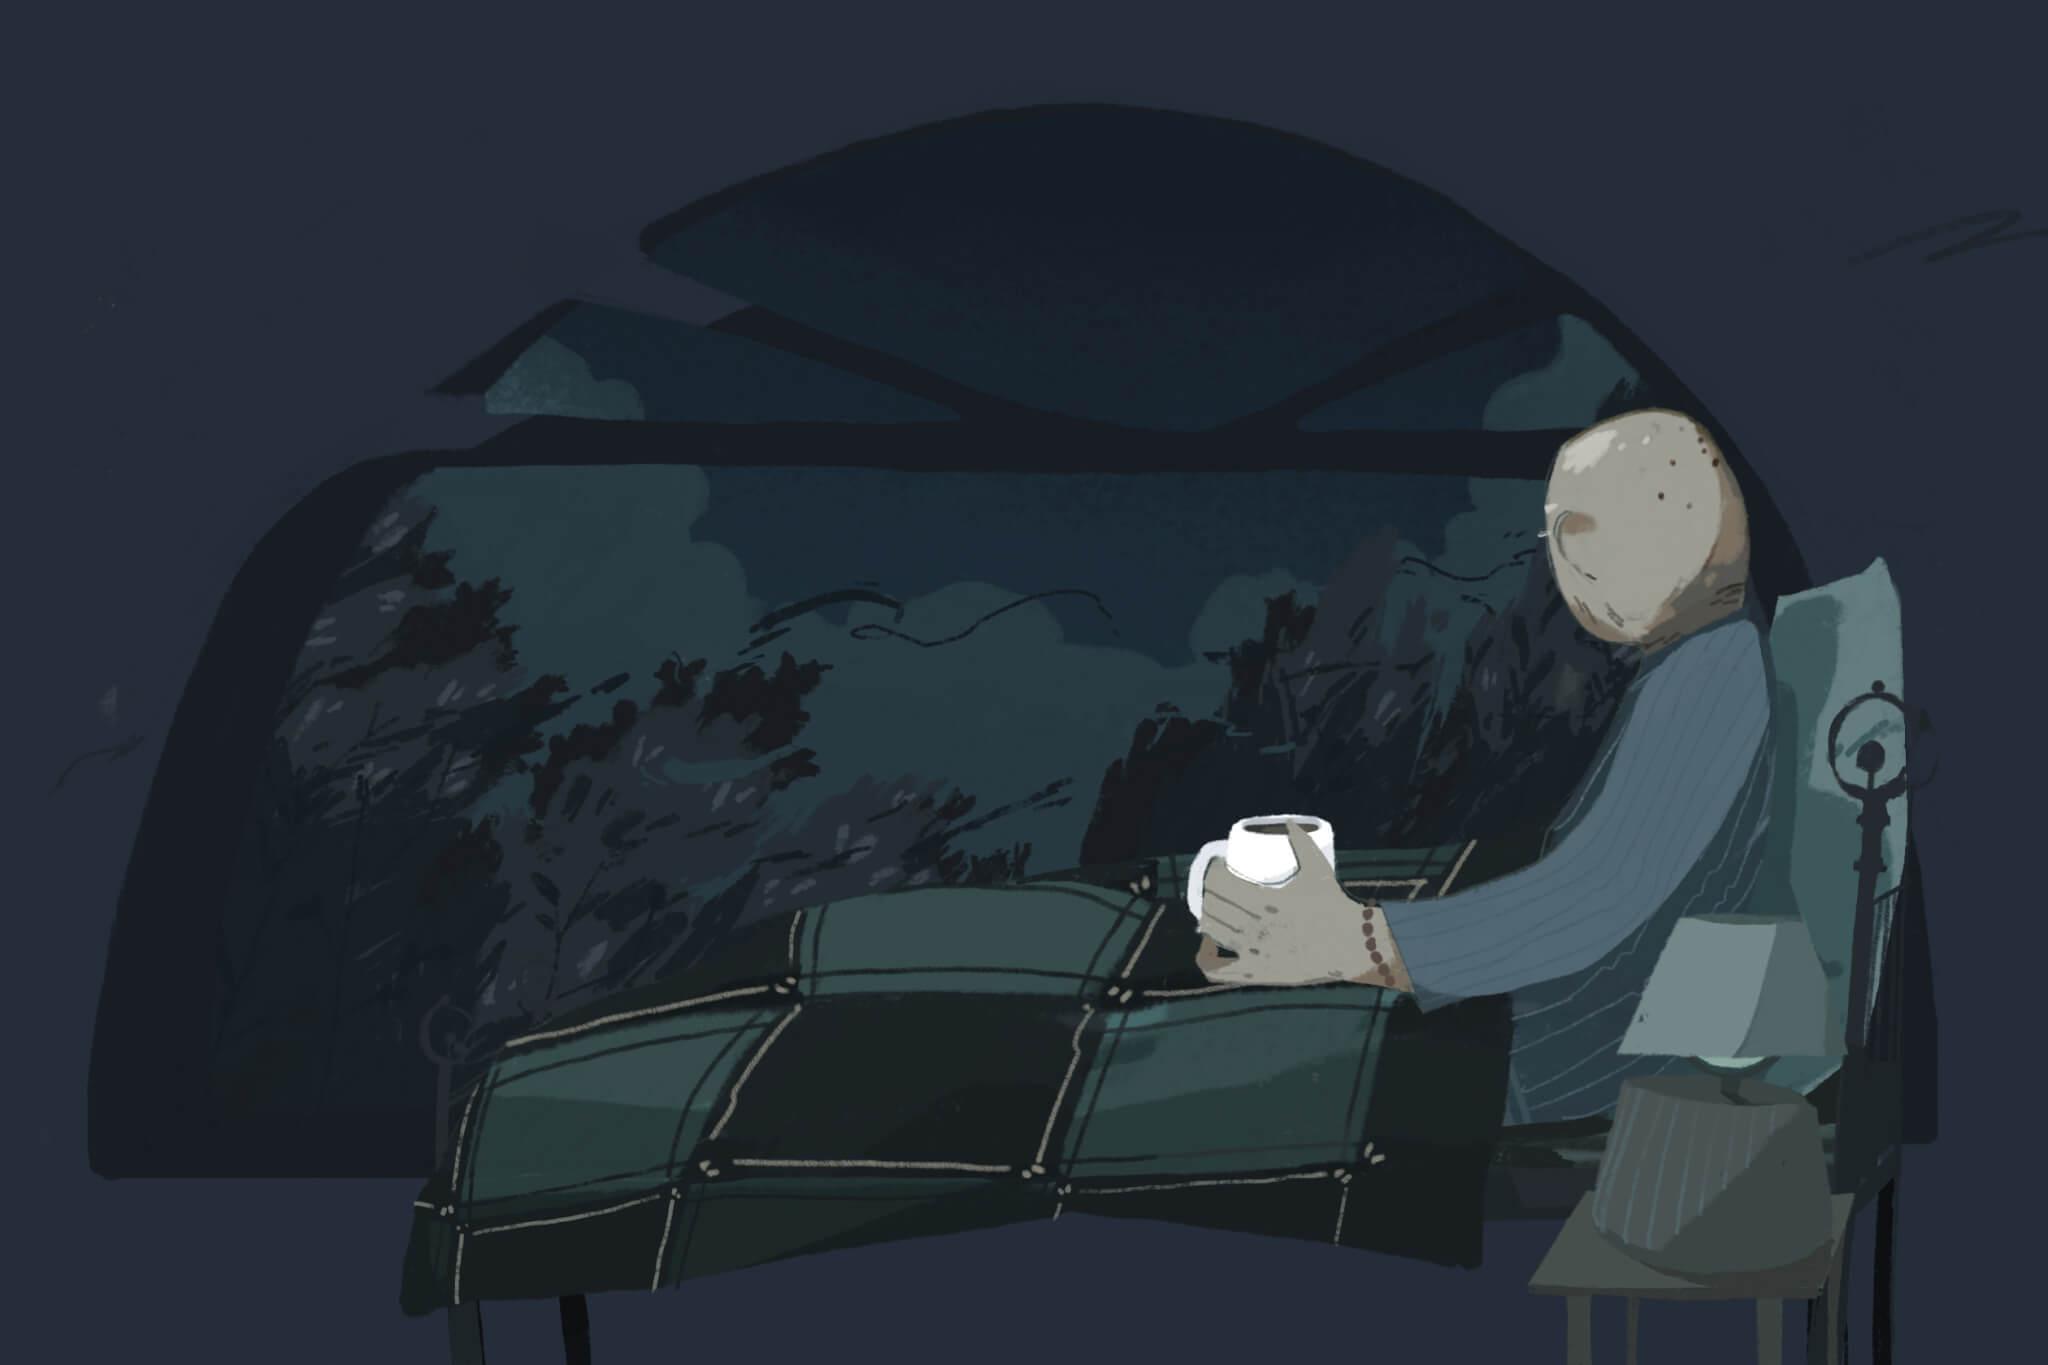 Illustration by Karen Shangguan